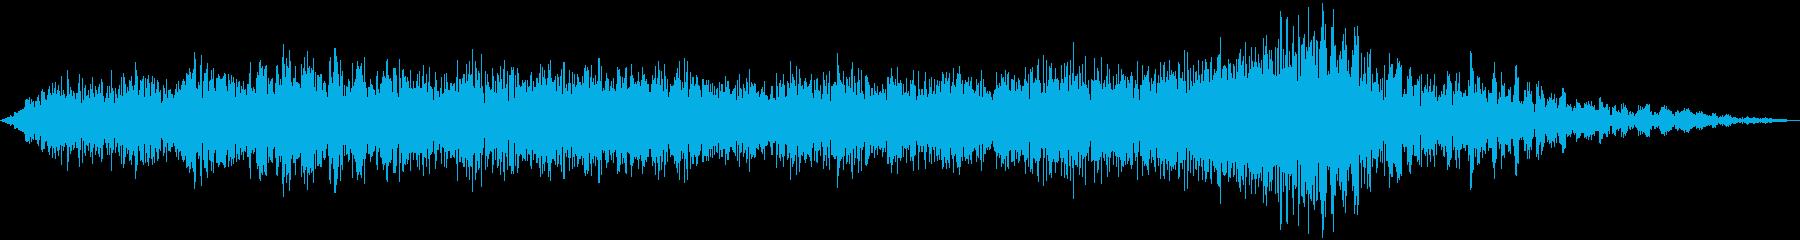 オープニングにもエンディングにも最適の再生済みの波形